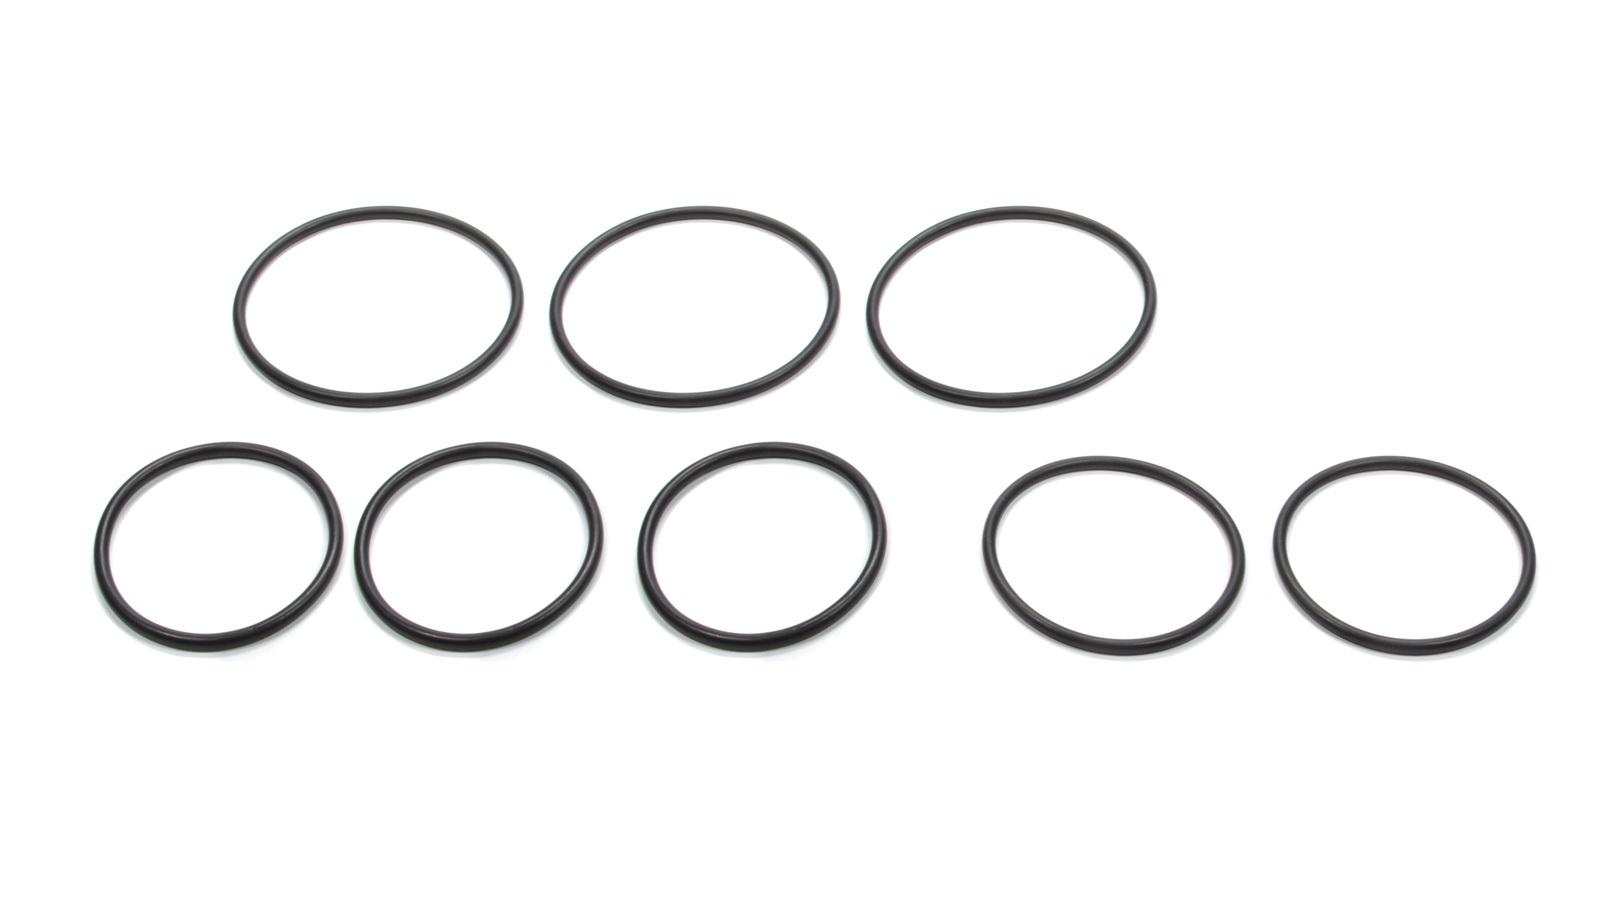 Ati Performance Elastomer Kit - 3 Ring 6.385 w/70/60/70